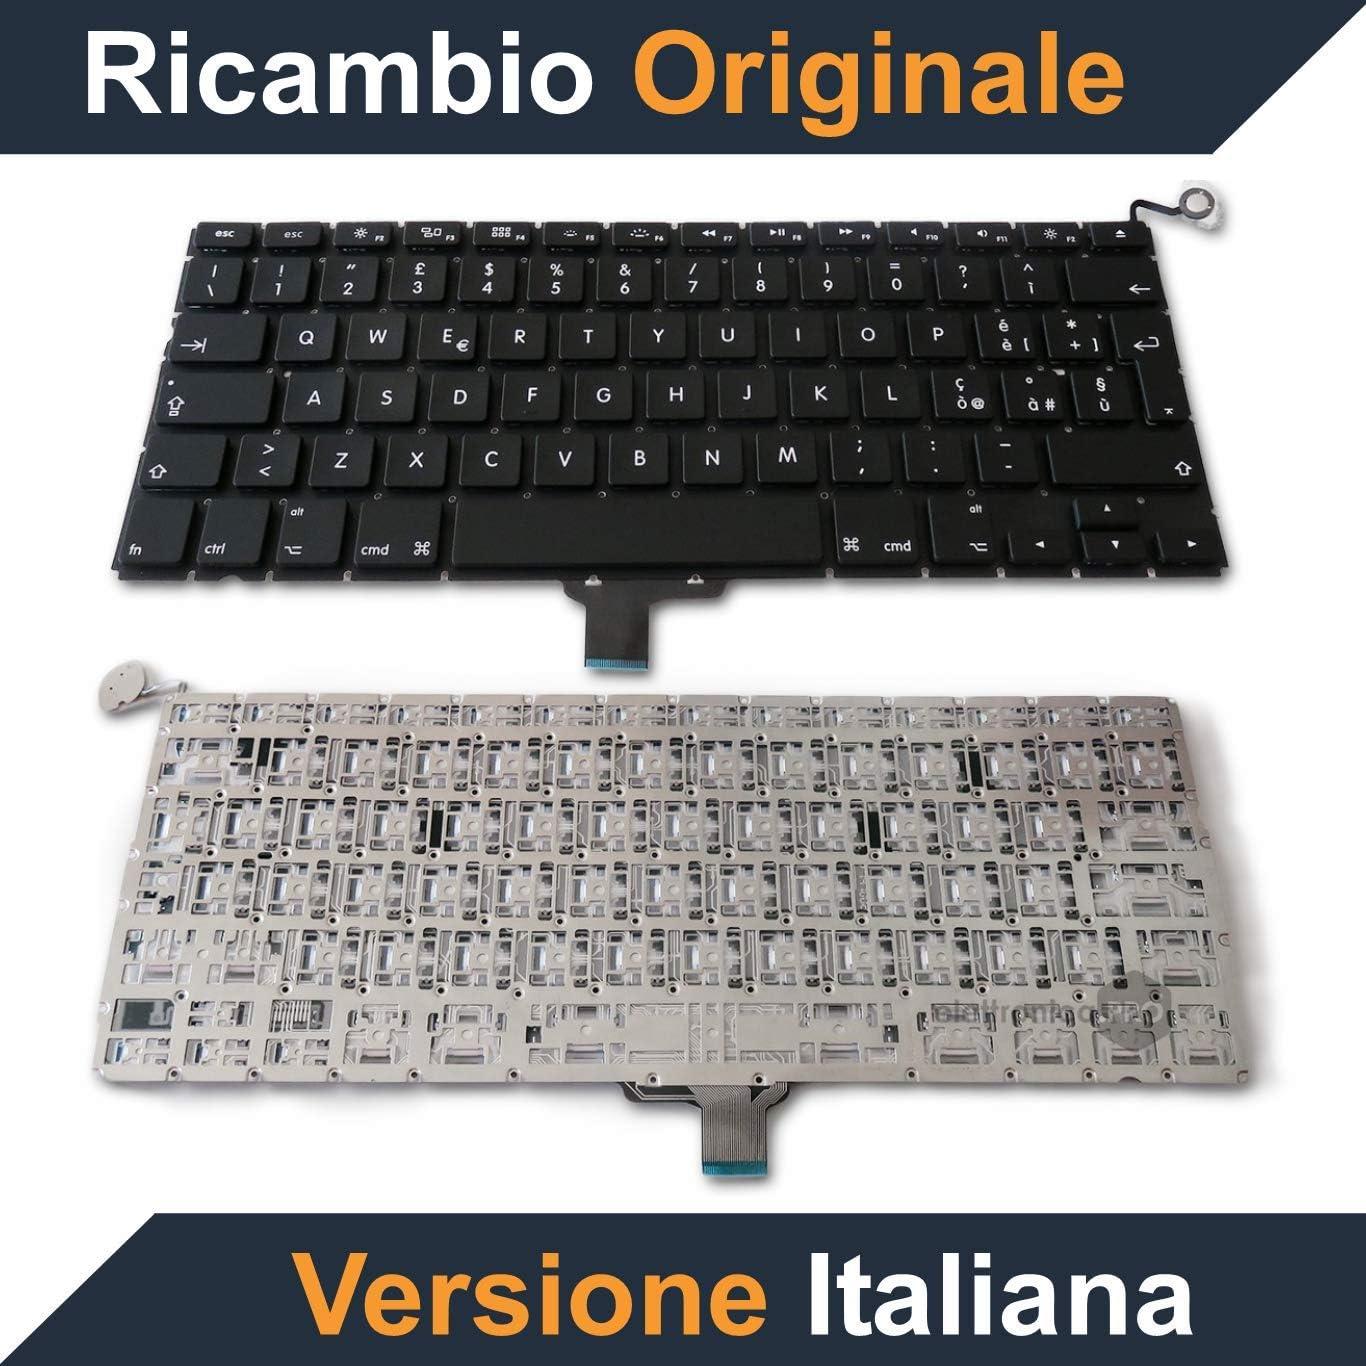 Zemra teclado original para Apple MacBook Pro 13 pulgadas A1278 – Layout italiano – Año 2009, 2010, 2011, 2012, 2013.: Amazon.es: Electrónica